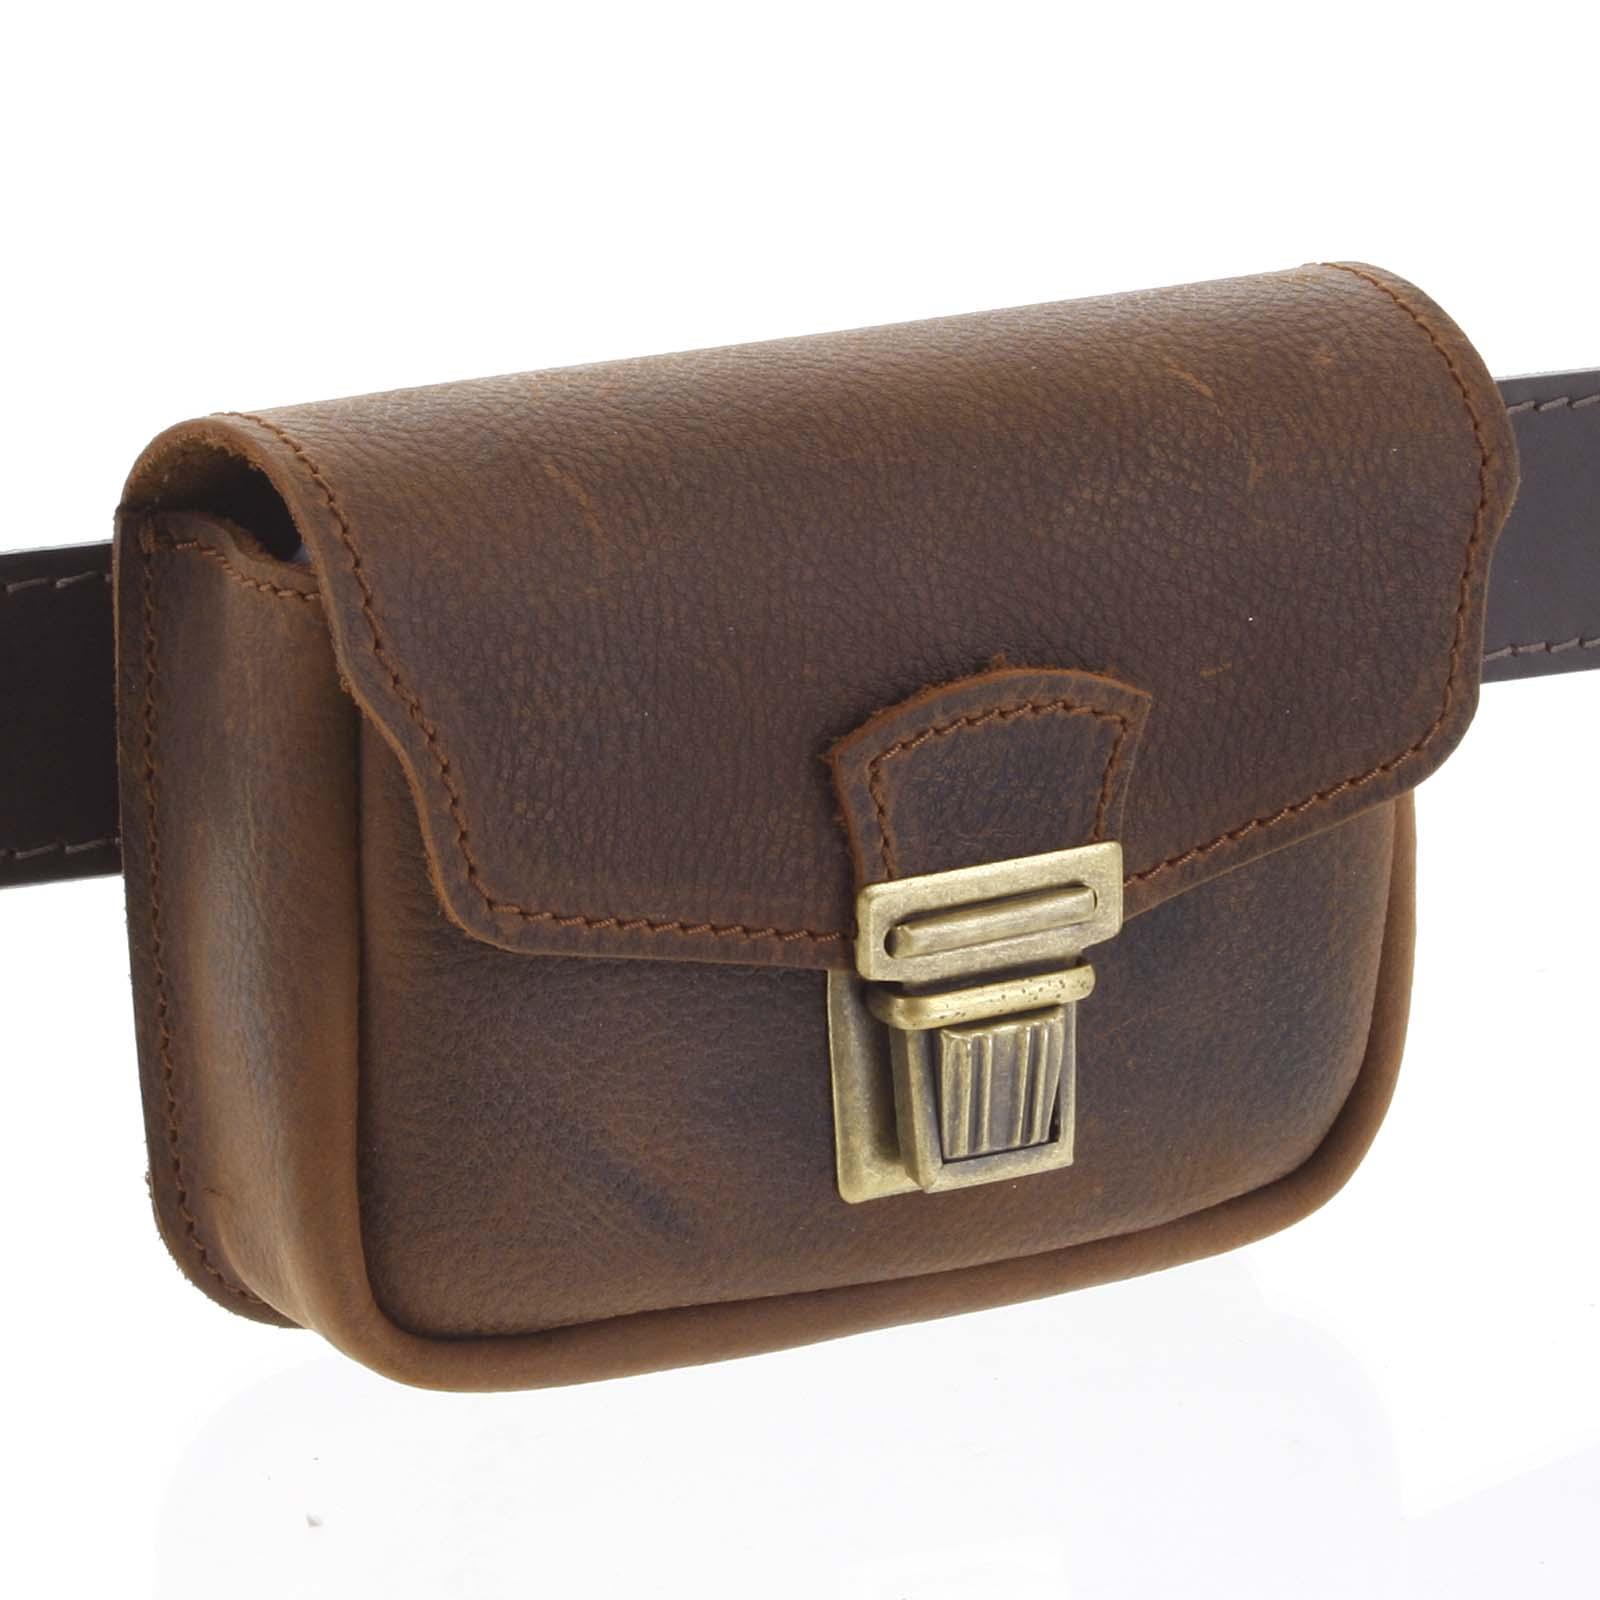 Pánske kožené vrecko na opasok hnedé - Kabea Simplex hnedá